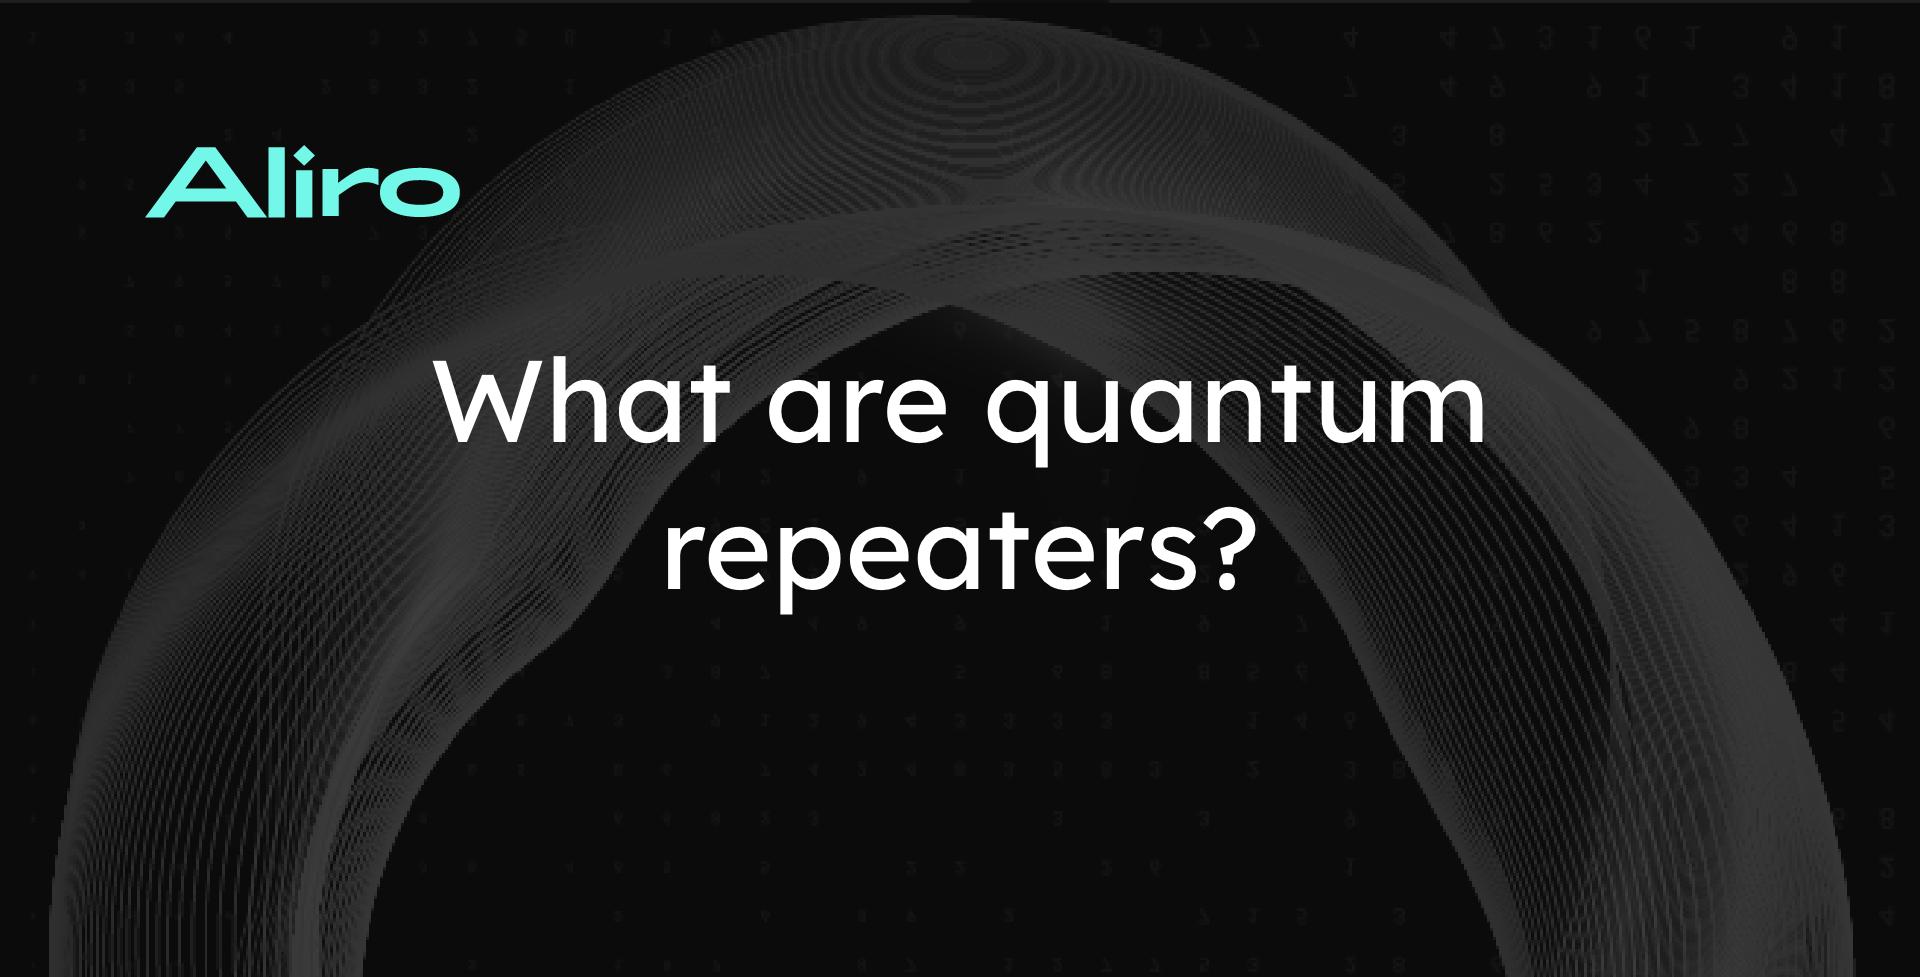 What are quantum repeaters?